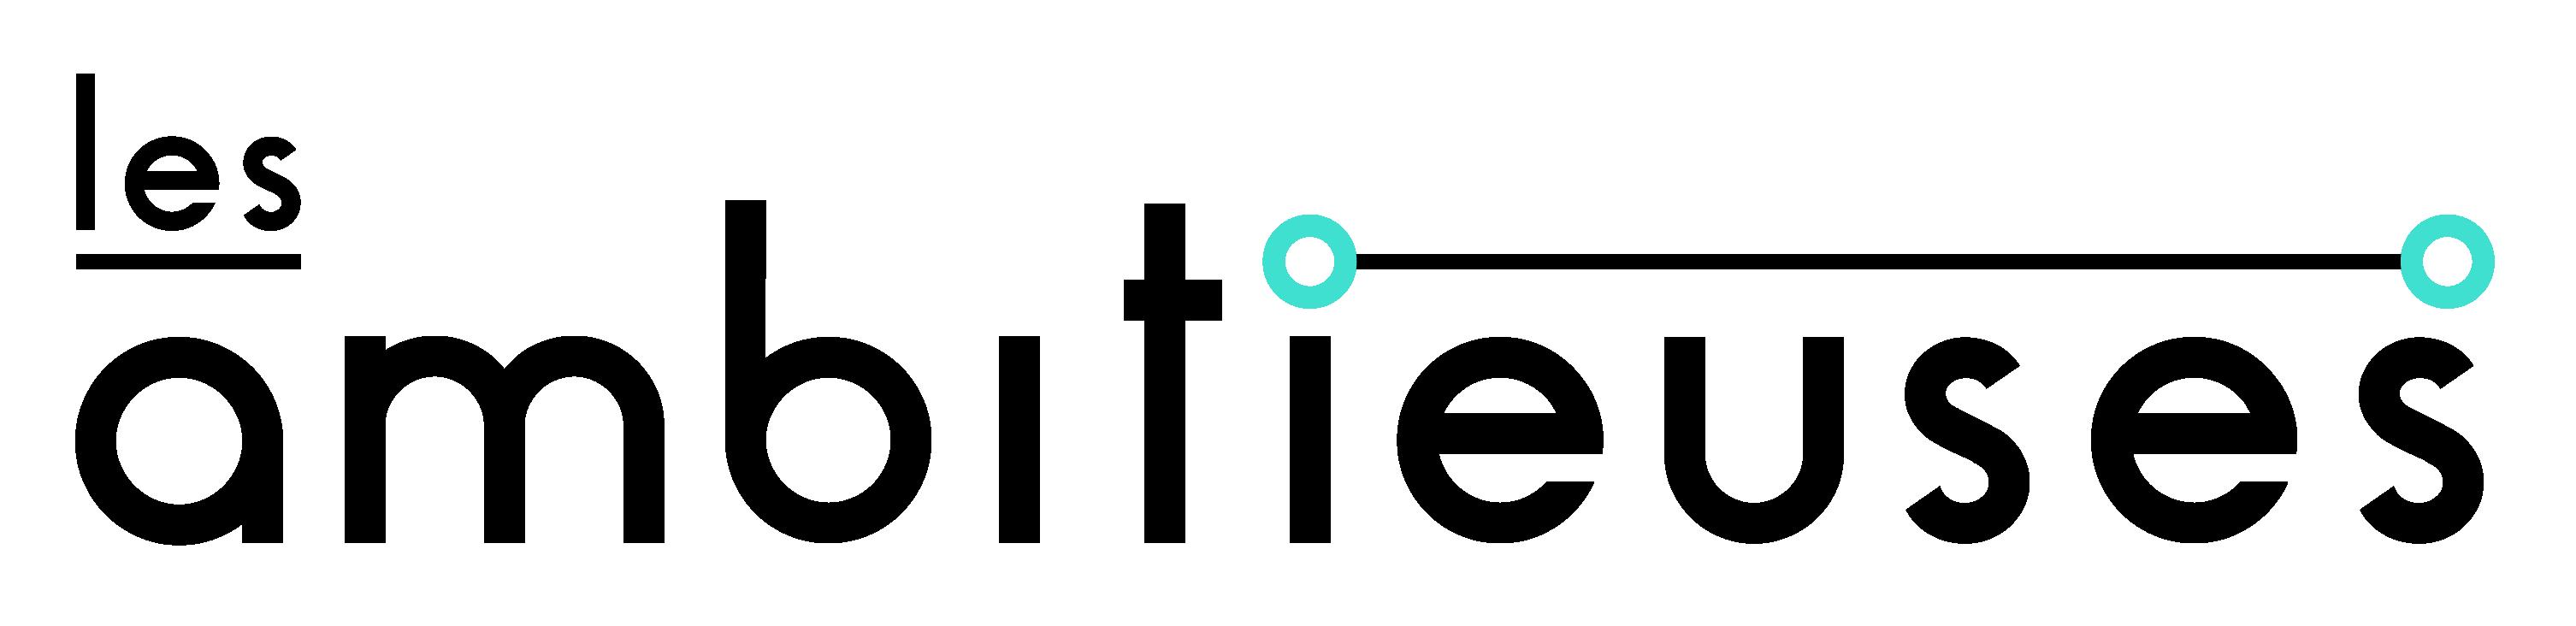 Logo-Les-Ambitieuses-noir-turquoise